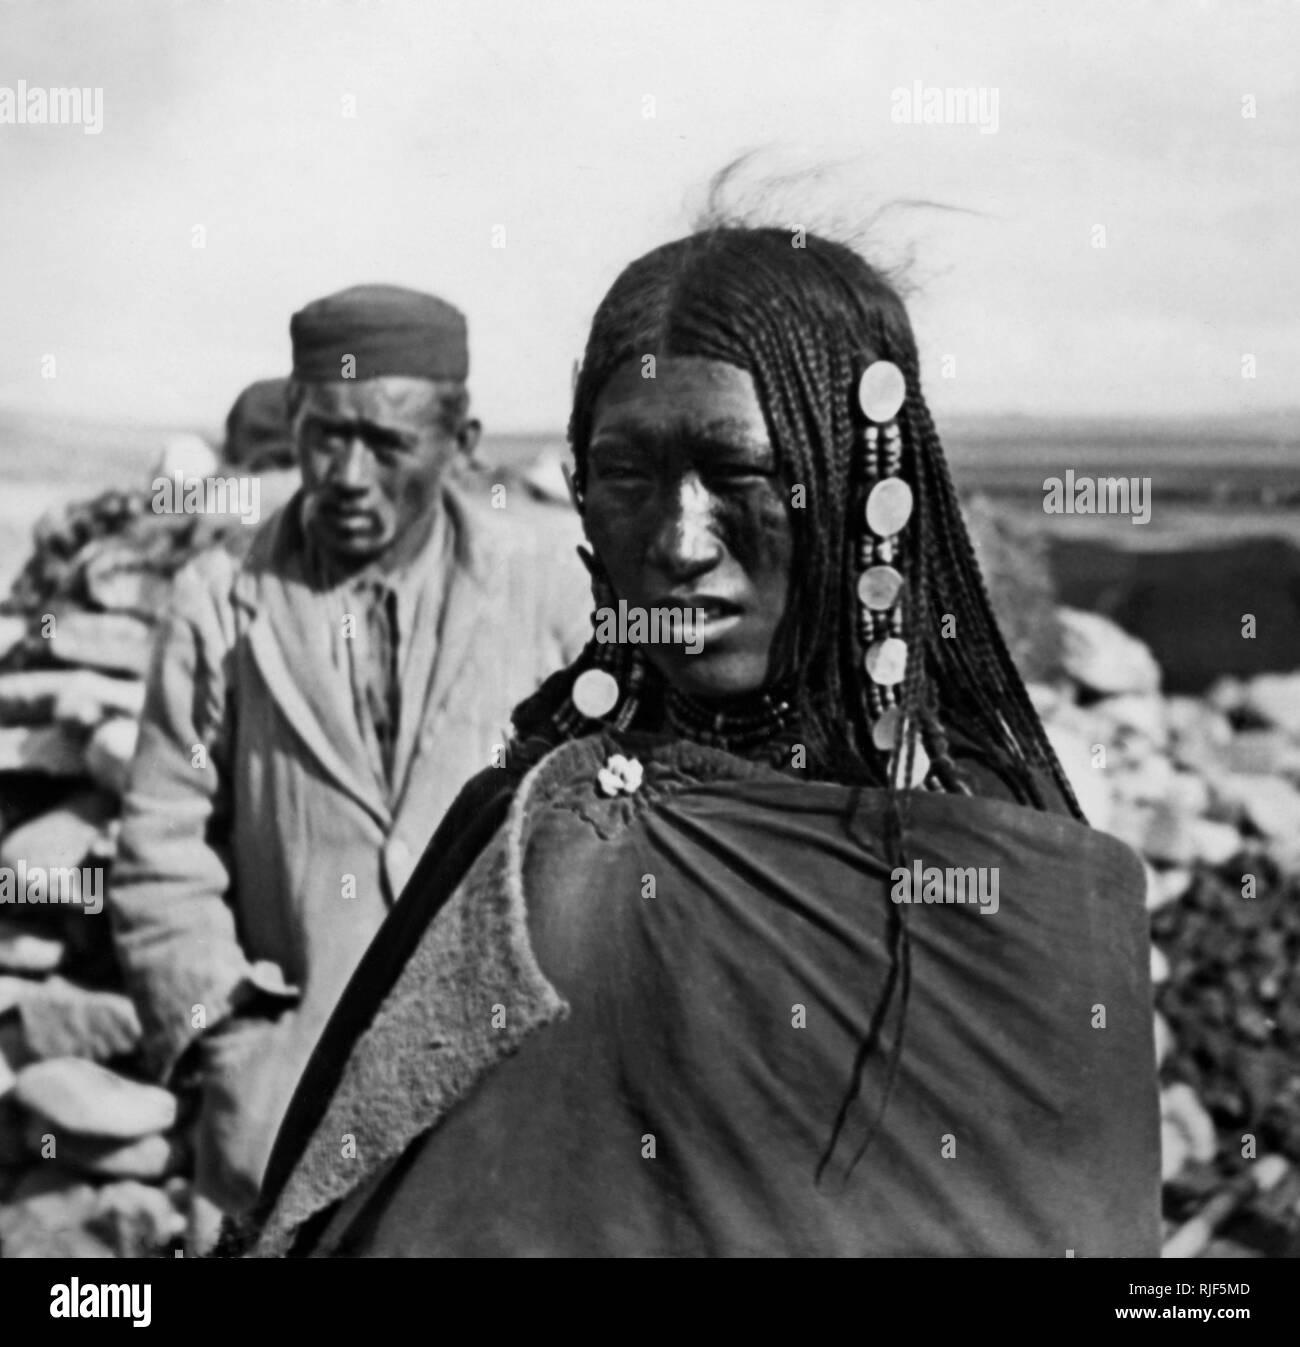 Mujer tibetana, expedición italiana en el Tibet, 1920-30 Foto de stock